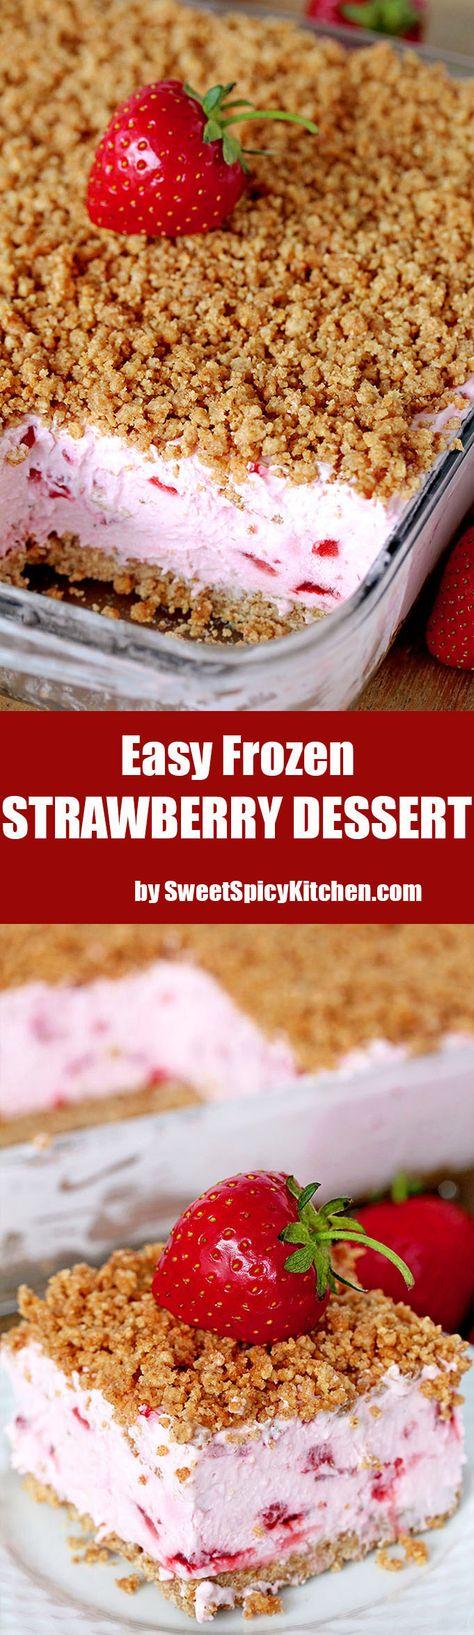 Easy Frozen Strawberry Dessert